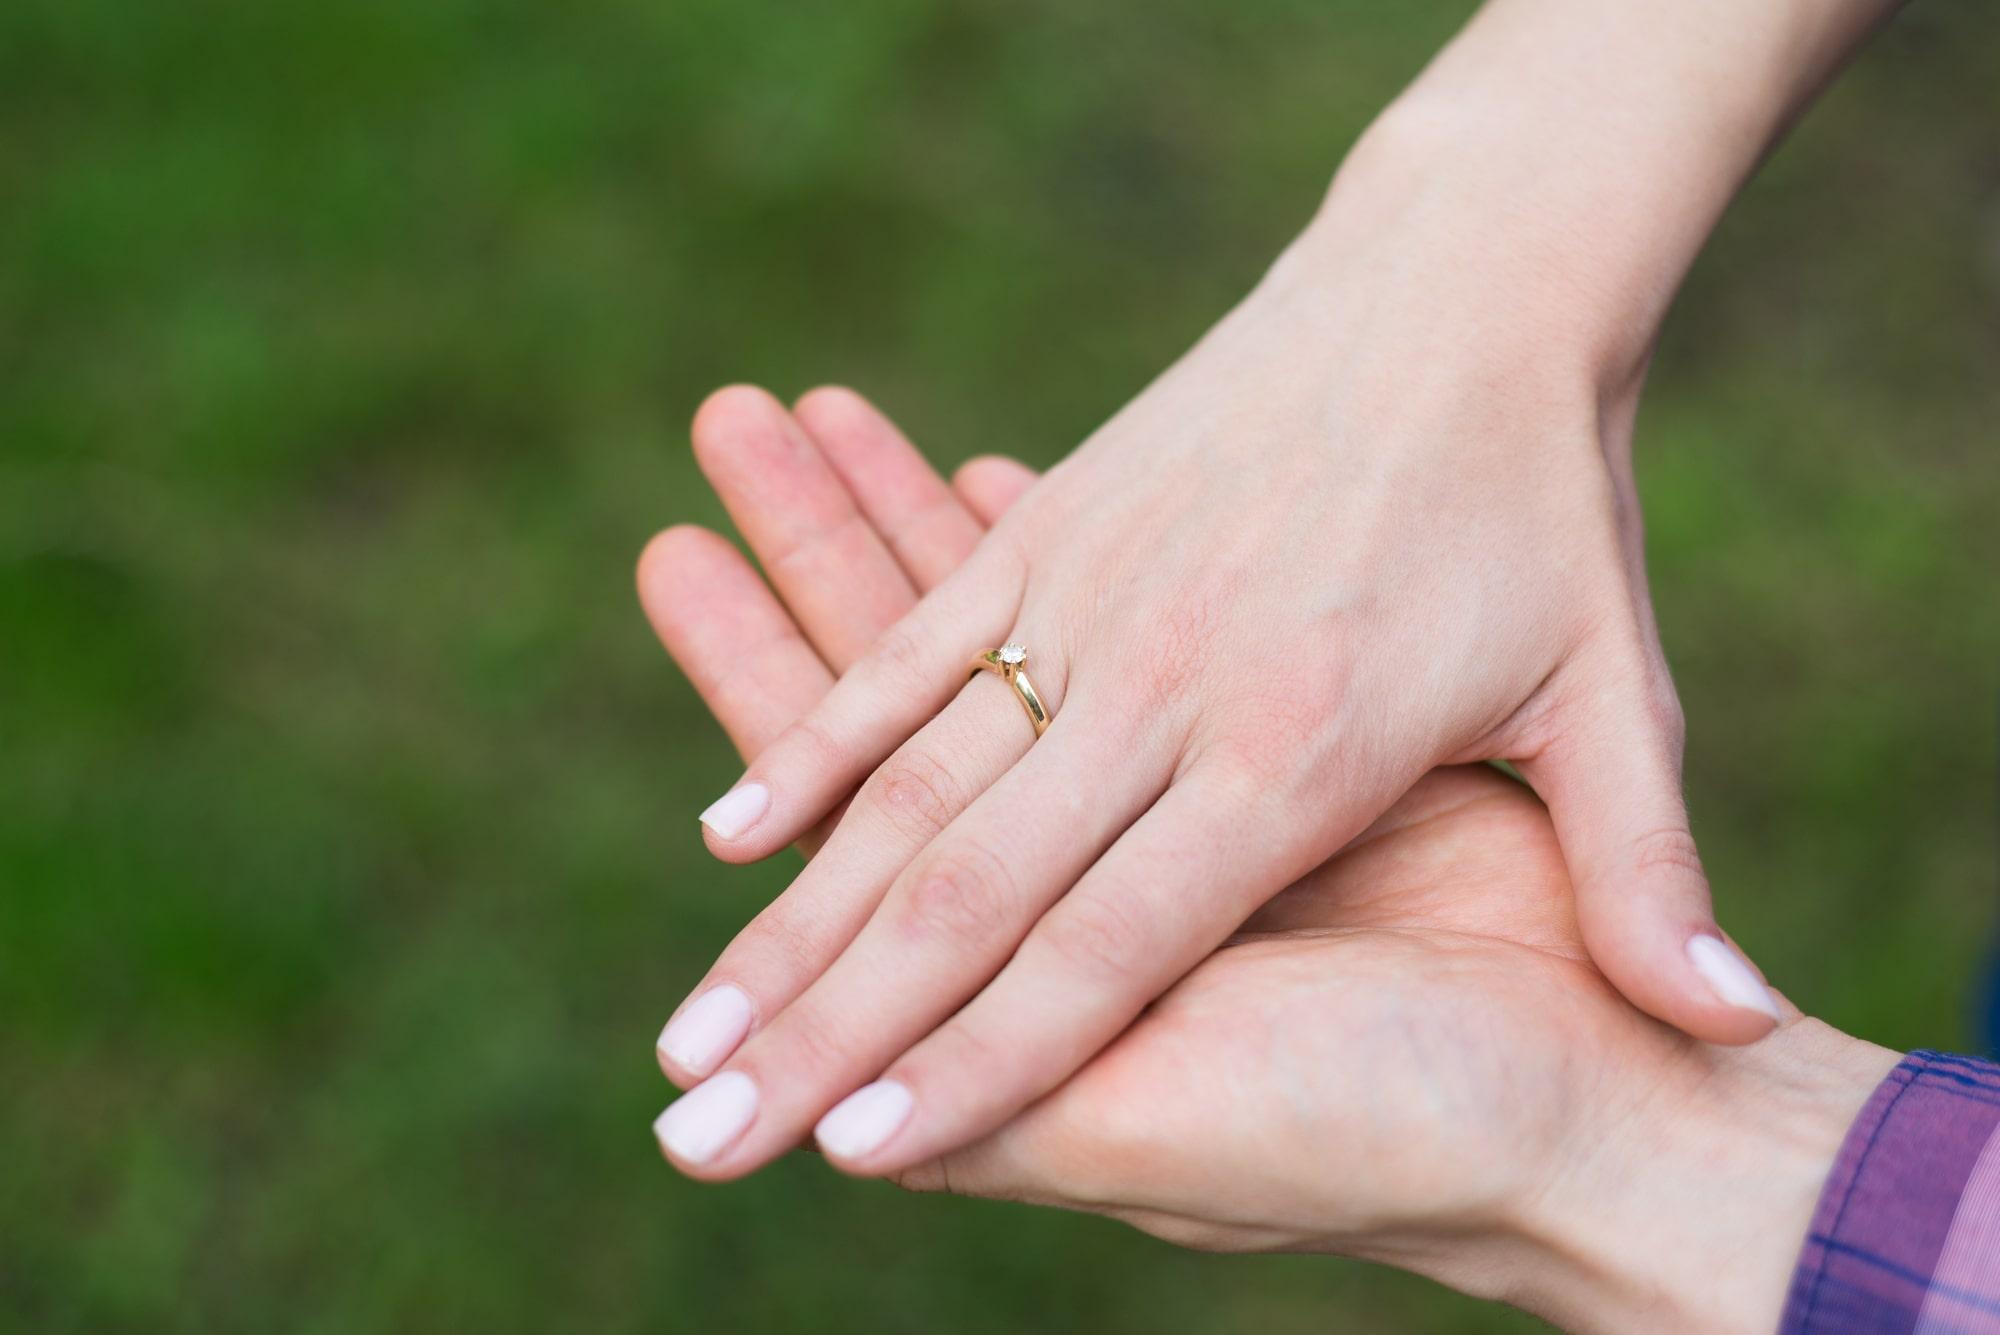 Фотосессия Love Story в Киеве - фото руки с кольцом